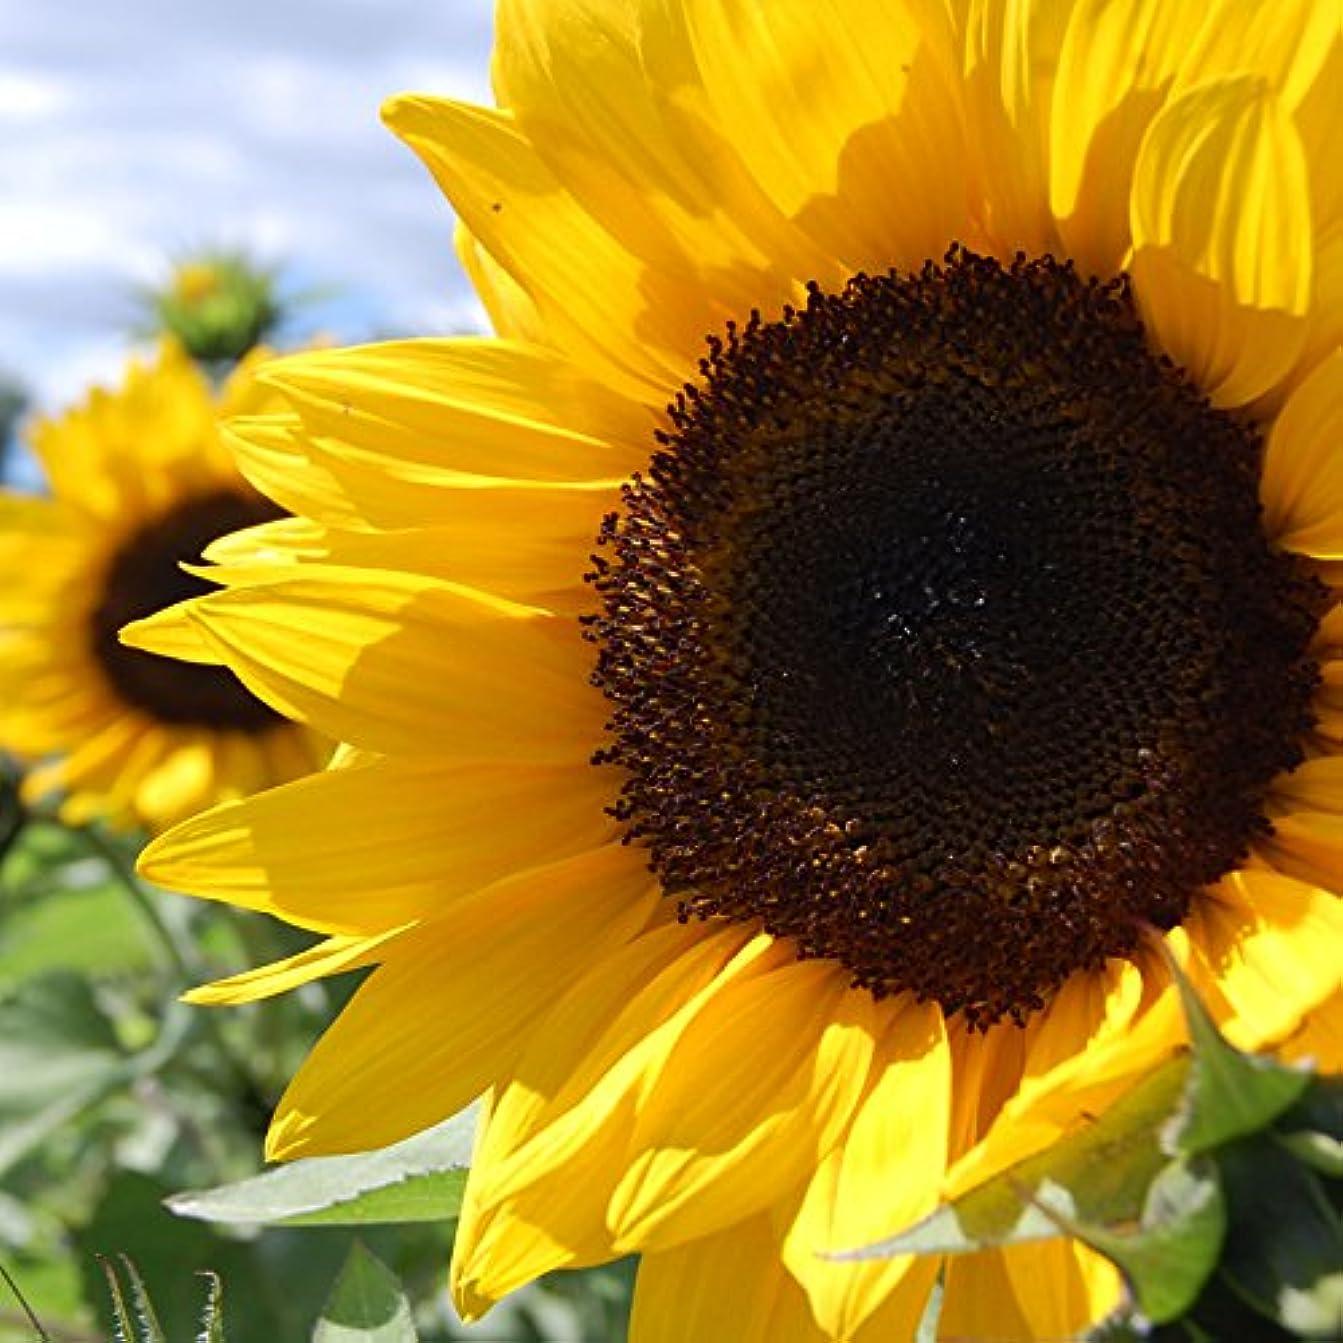 ディスパッチほとんどない皿アロマフレグランスオイル ひまわり(Sunflower)